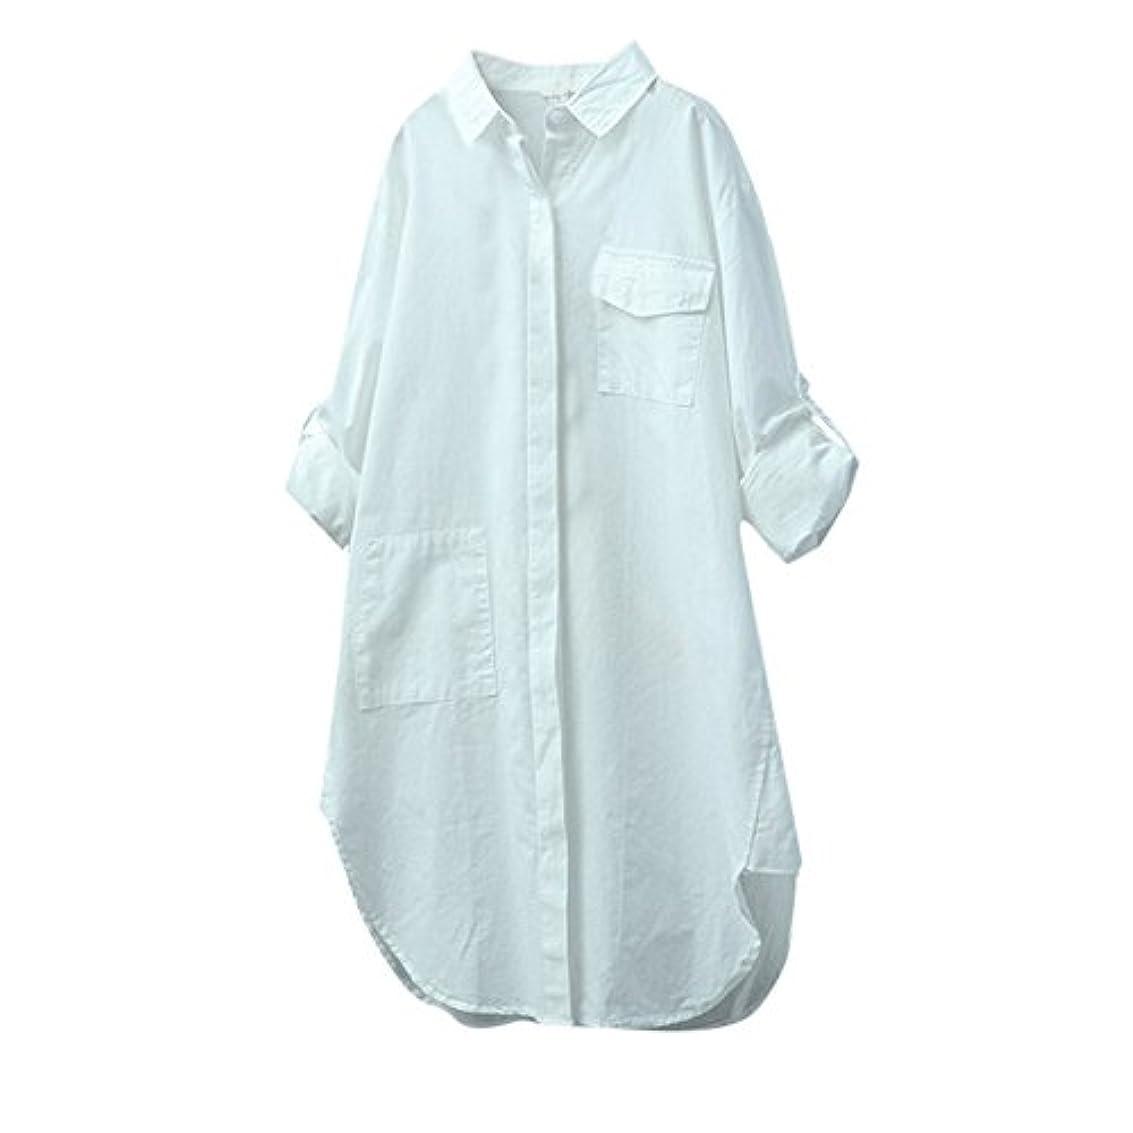 スペースビリーむさぼり食うTシャツ レディース 長袖 トップス ポケット付き 無地 Vネック ボタン 不規則 ブラウス 人気 夏服 コットンとリネン 快適な 軽い 柔らかい かっこいい ワイシャツ カジュアル シンプル オシャレ 春夏秋 対応